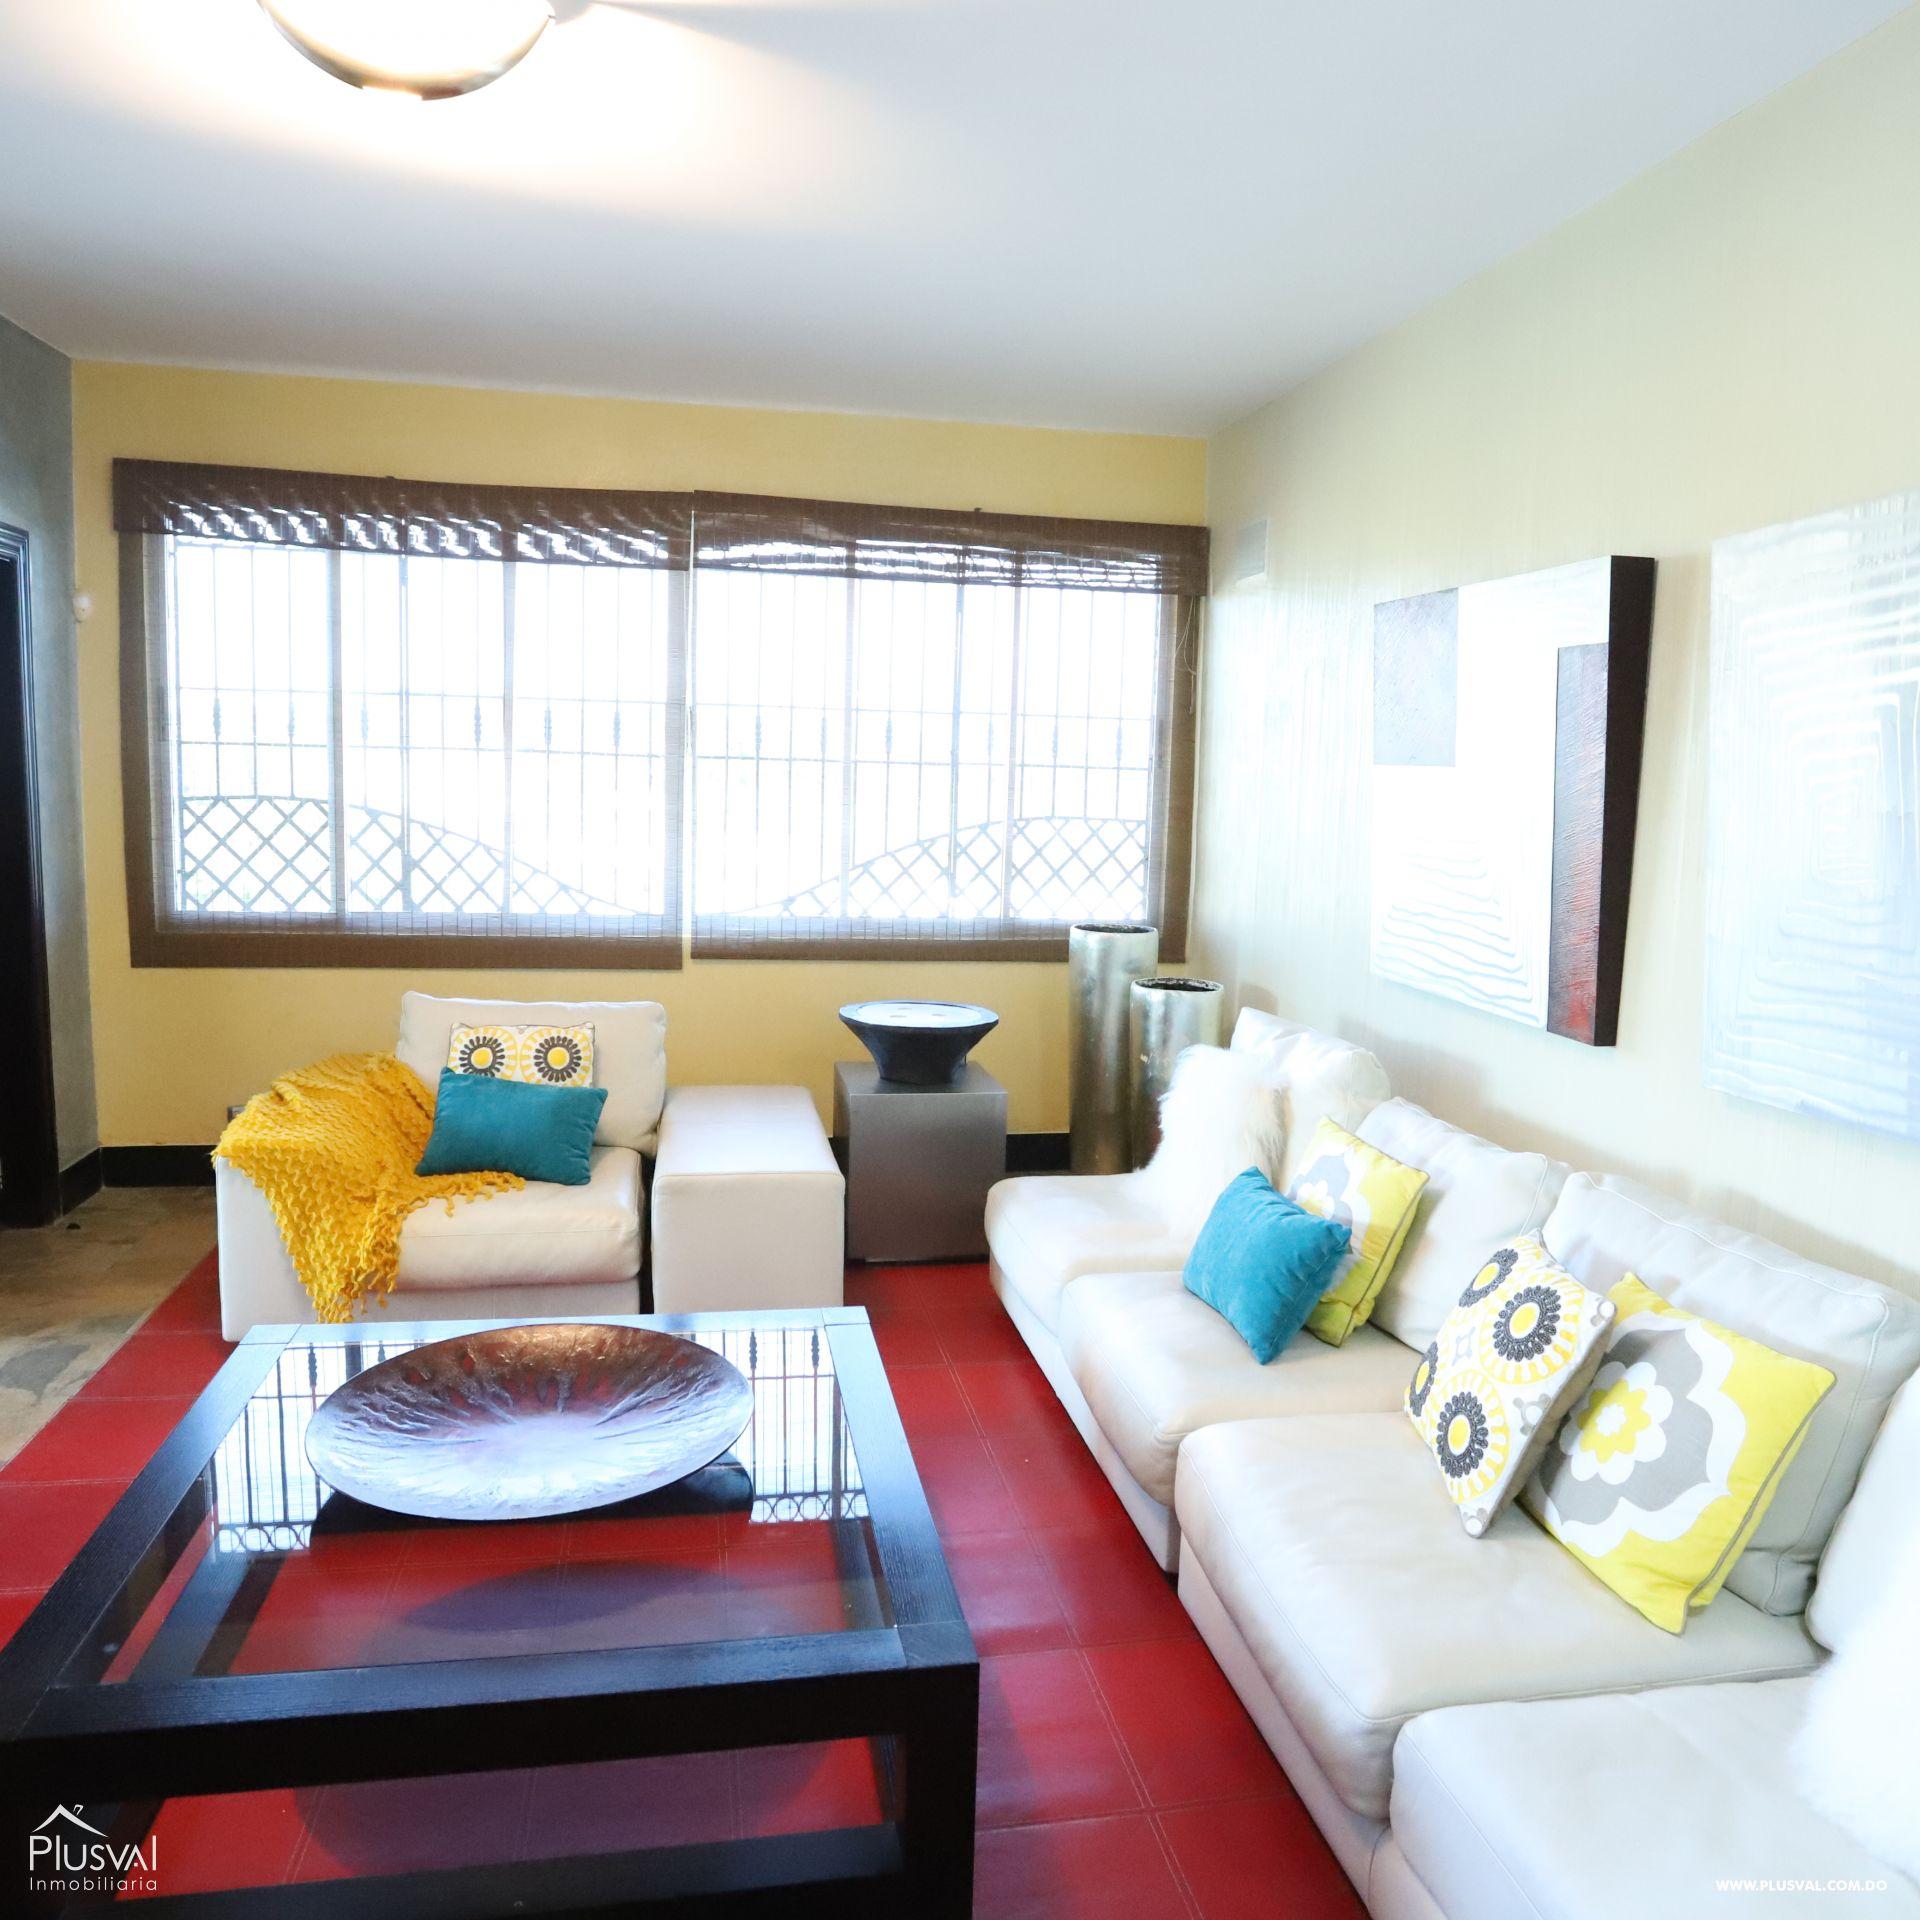 Apartamento ubicado en un 6to nivel con excelente vista hacia el monumeto 187714